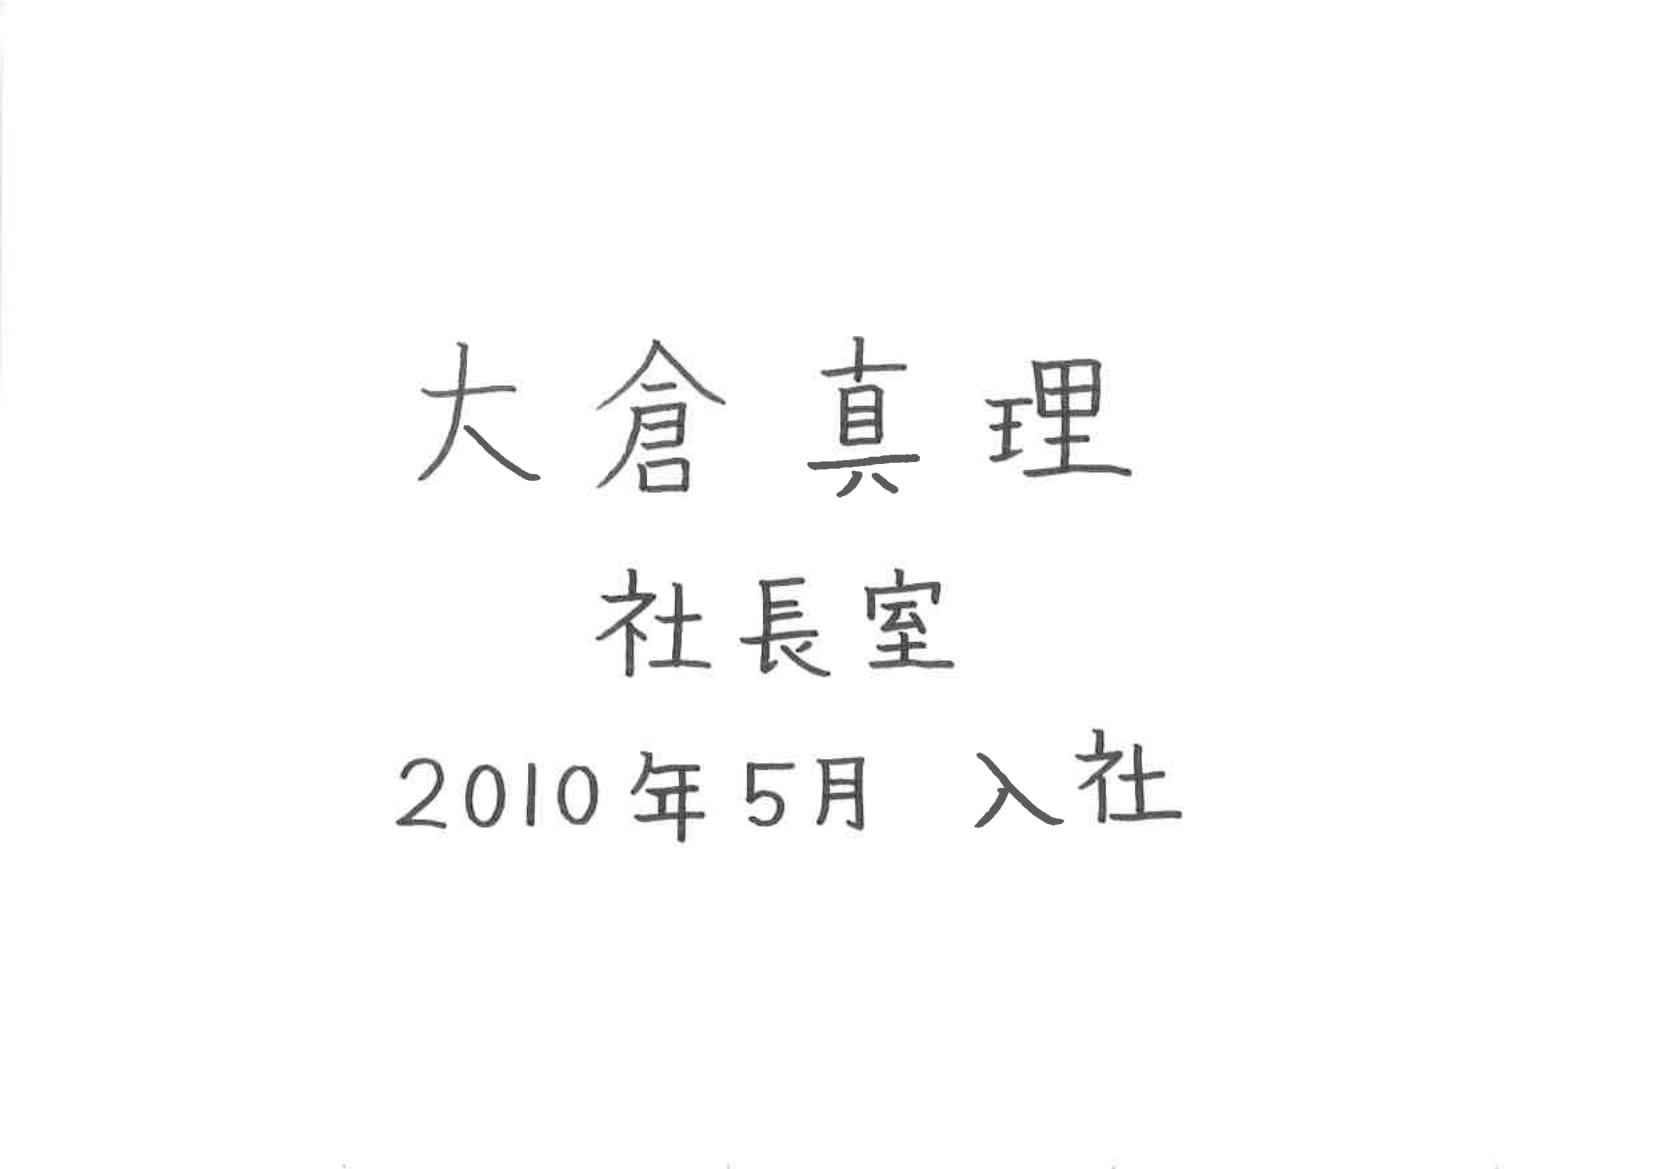 大倉 真理 社長室    2010年5月入社